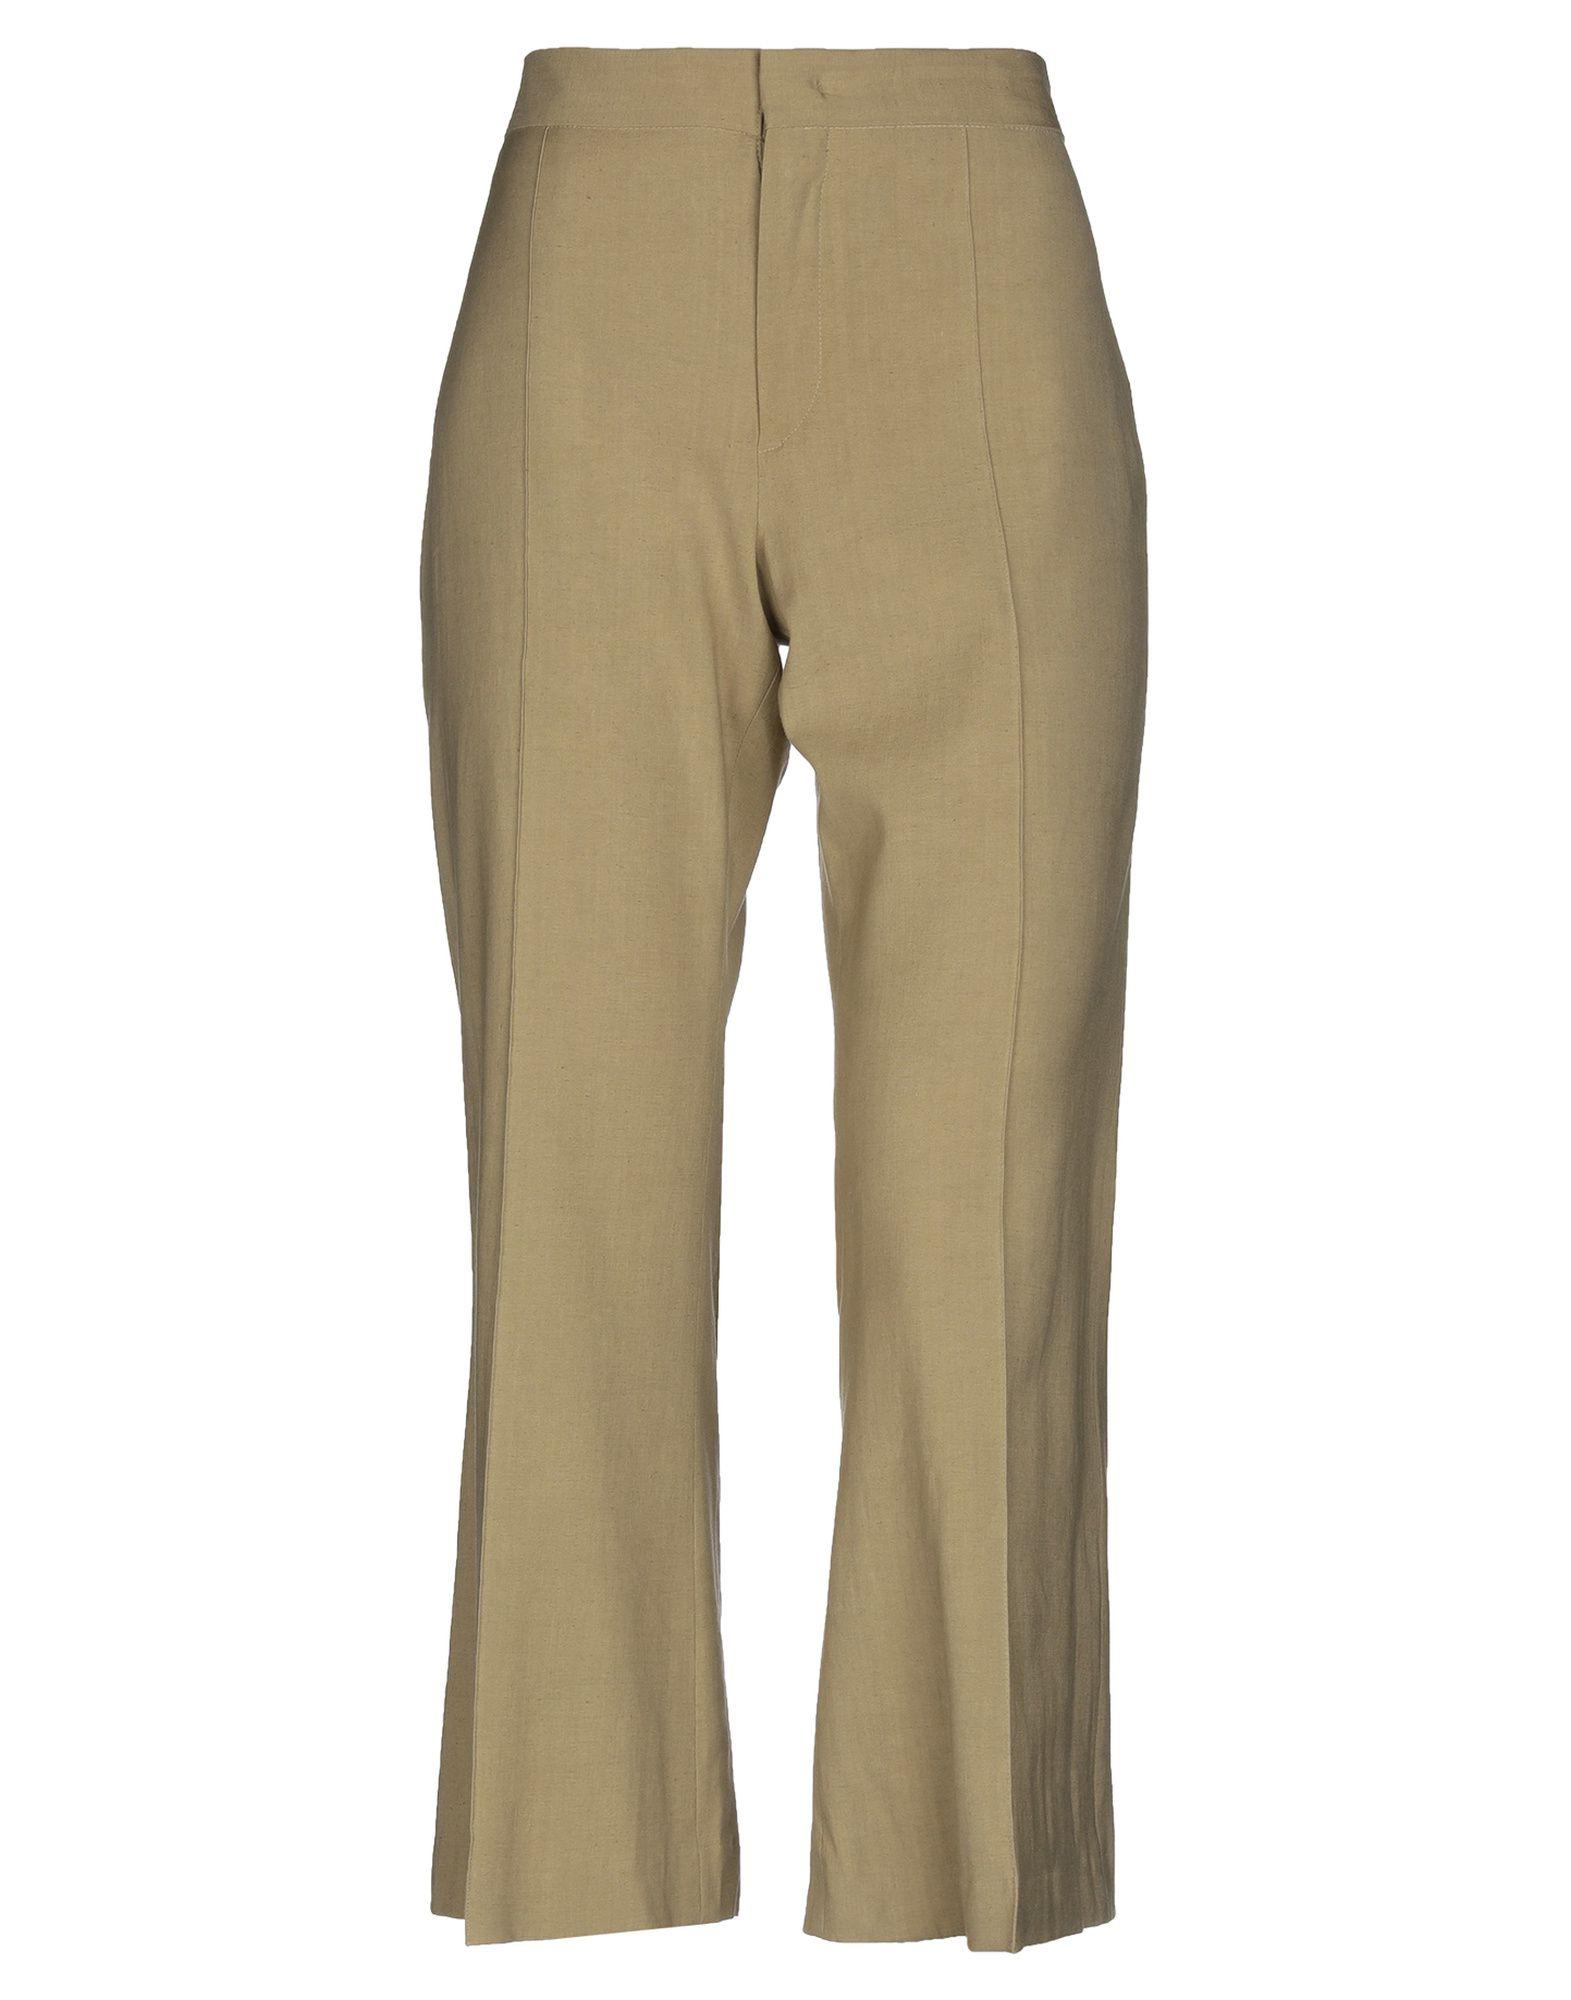 ISABEL MARANT Повседневные брюки isabel marant etoile брюки из льна